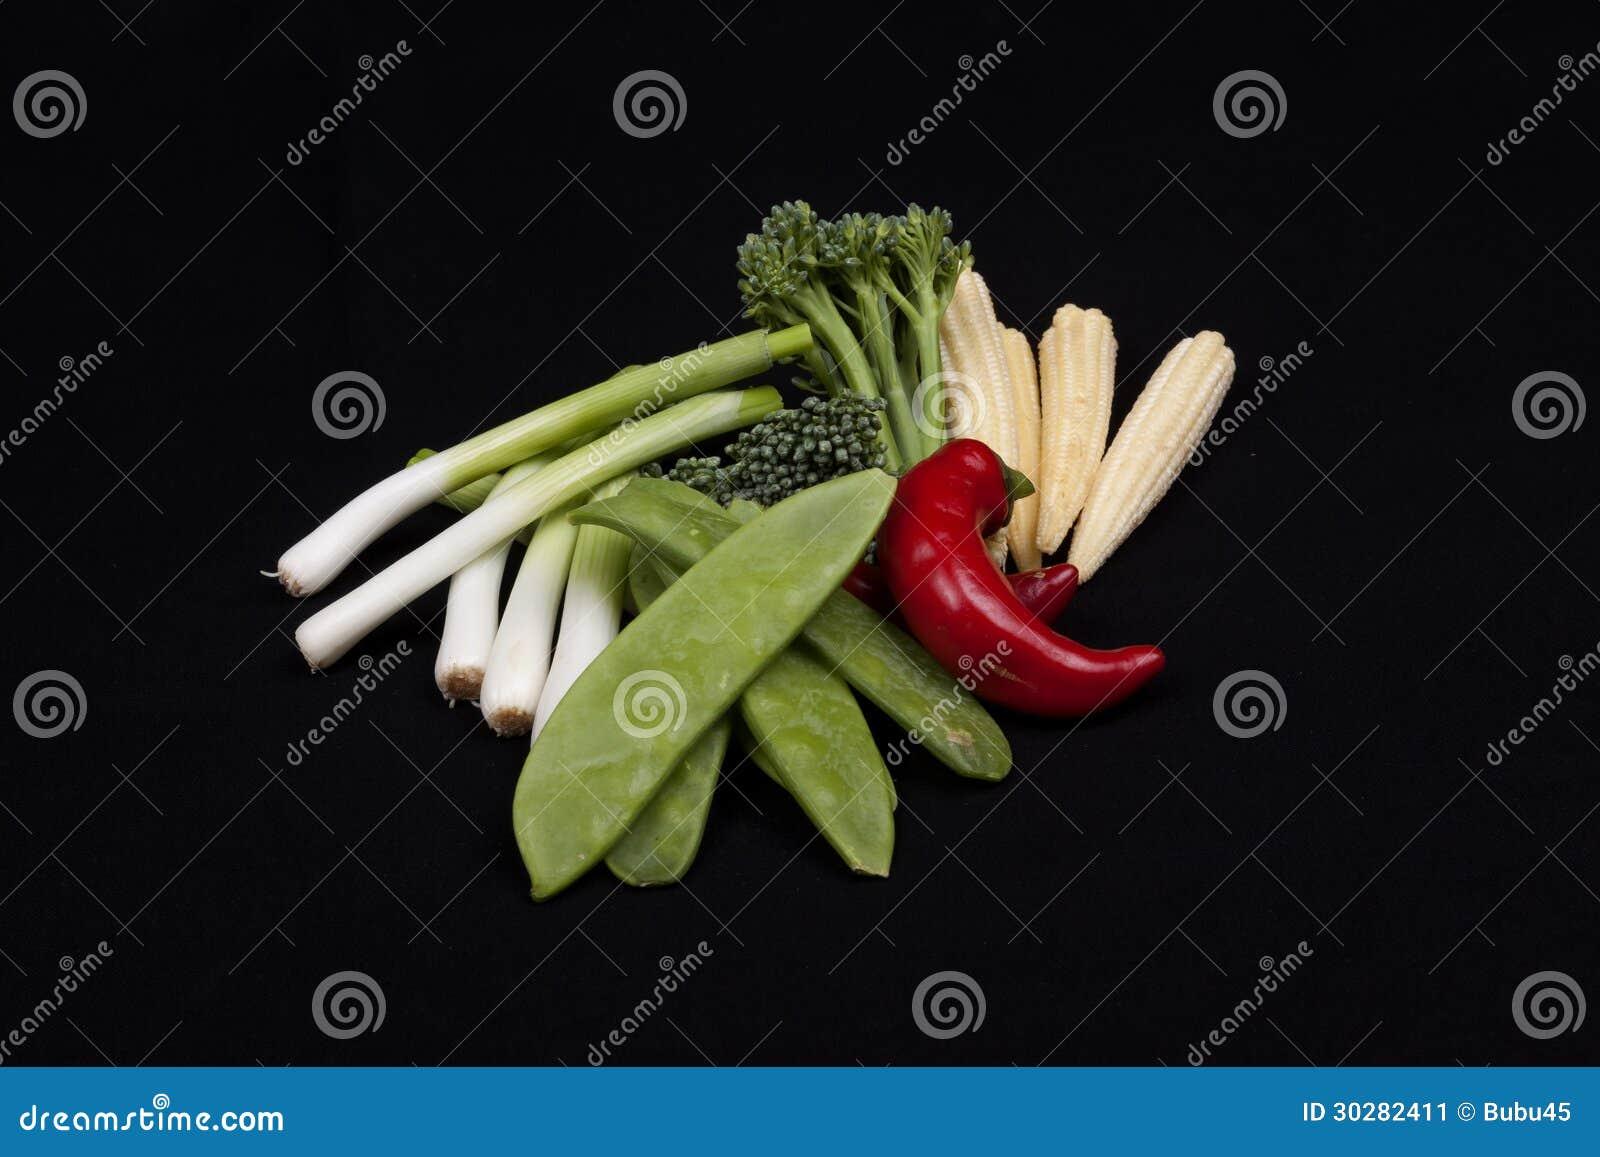 辣椒、硬花甘蓝、婴孩韭葱、小玉米和mange招徕雇客